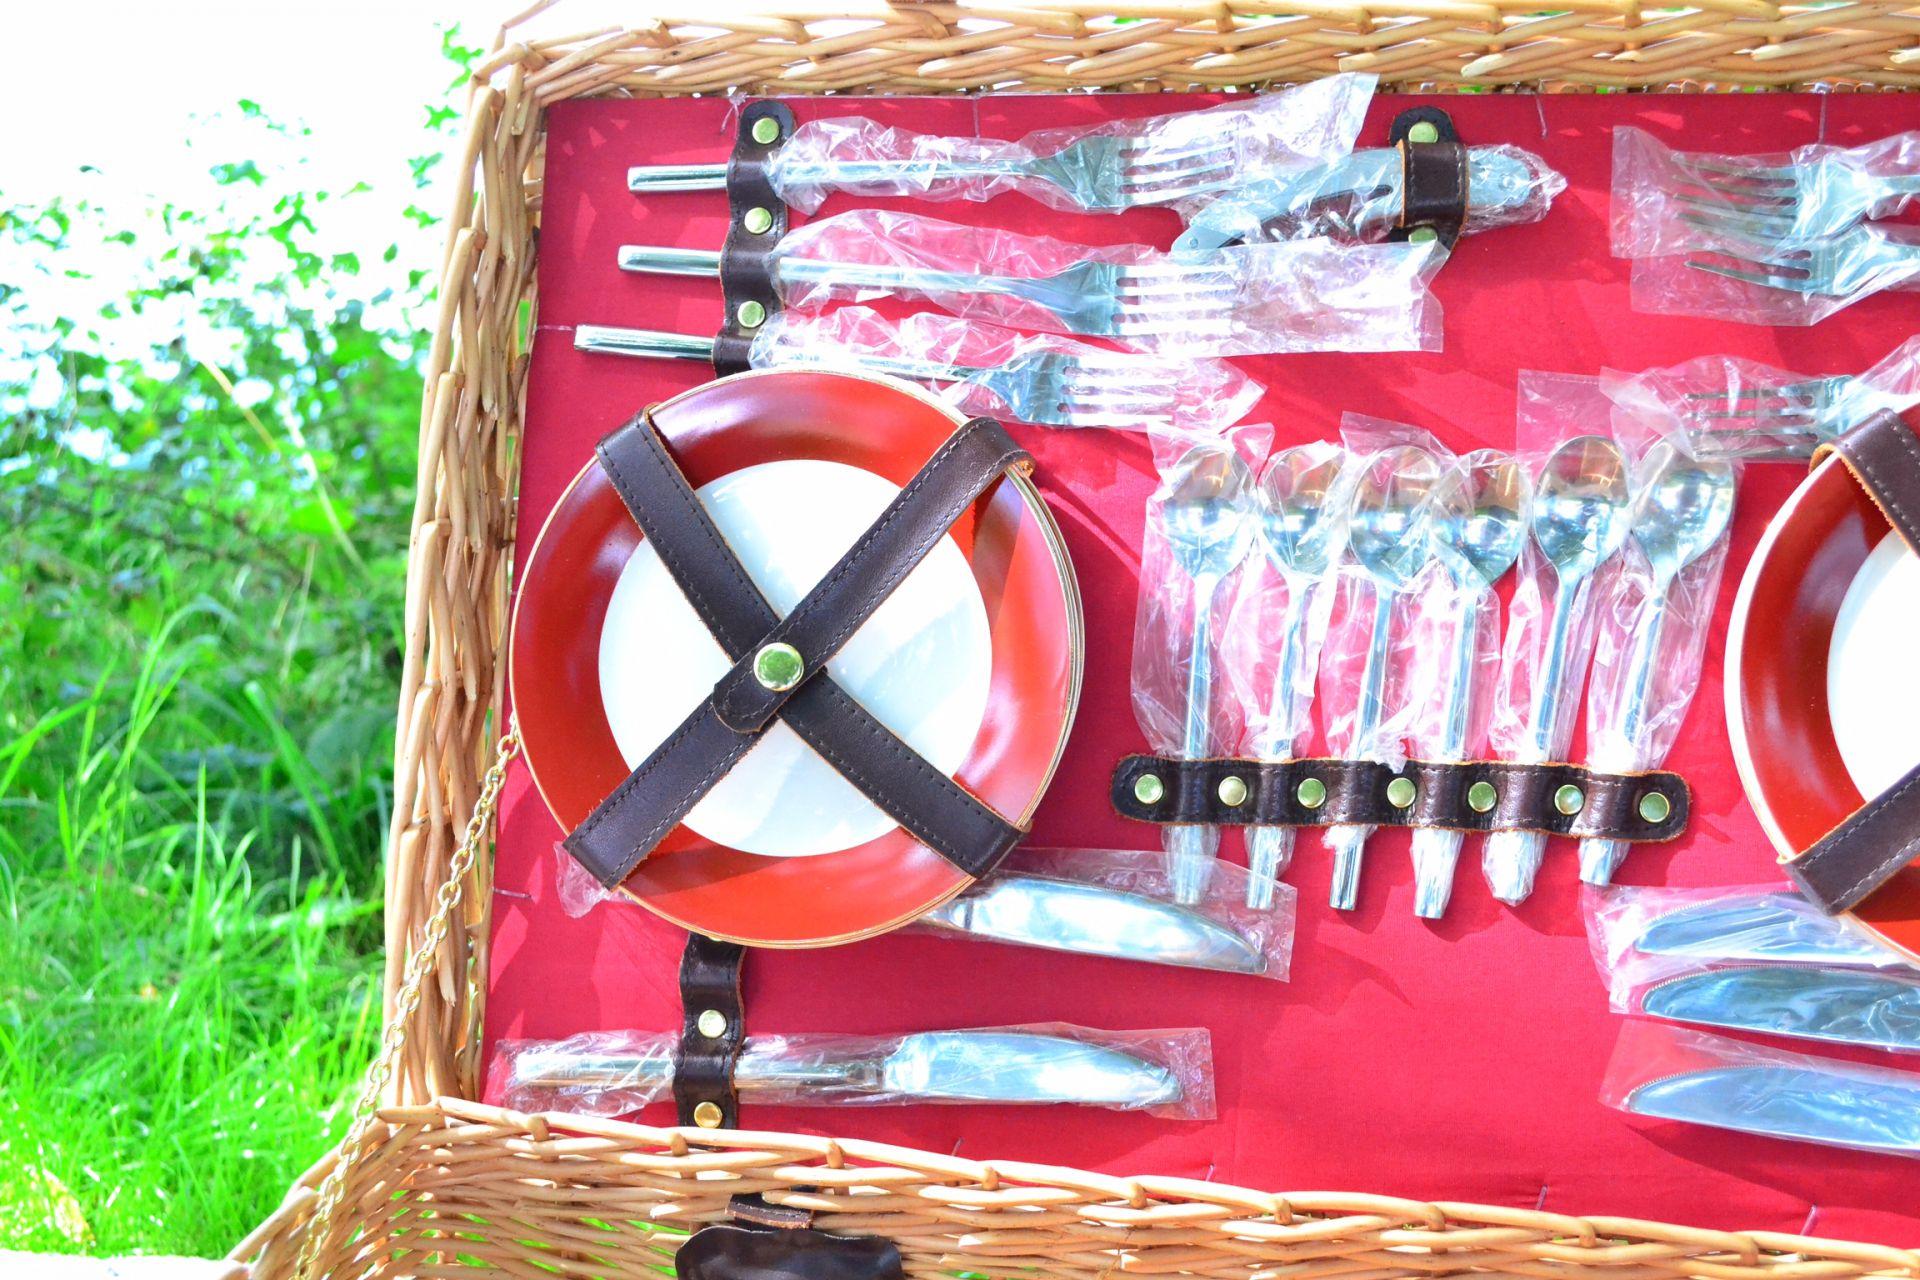 luxury-picnic-basket-amazon